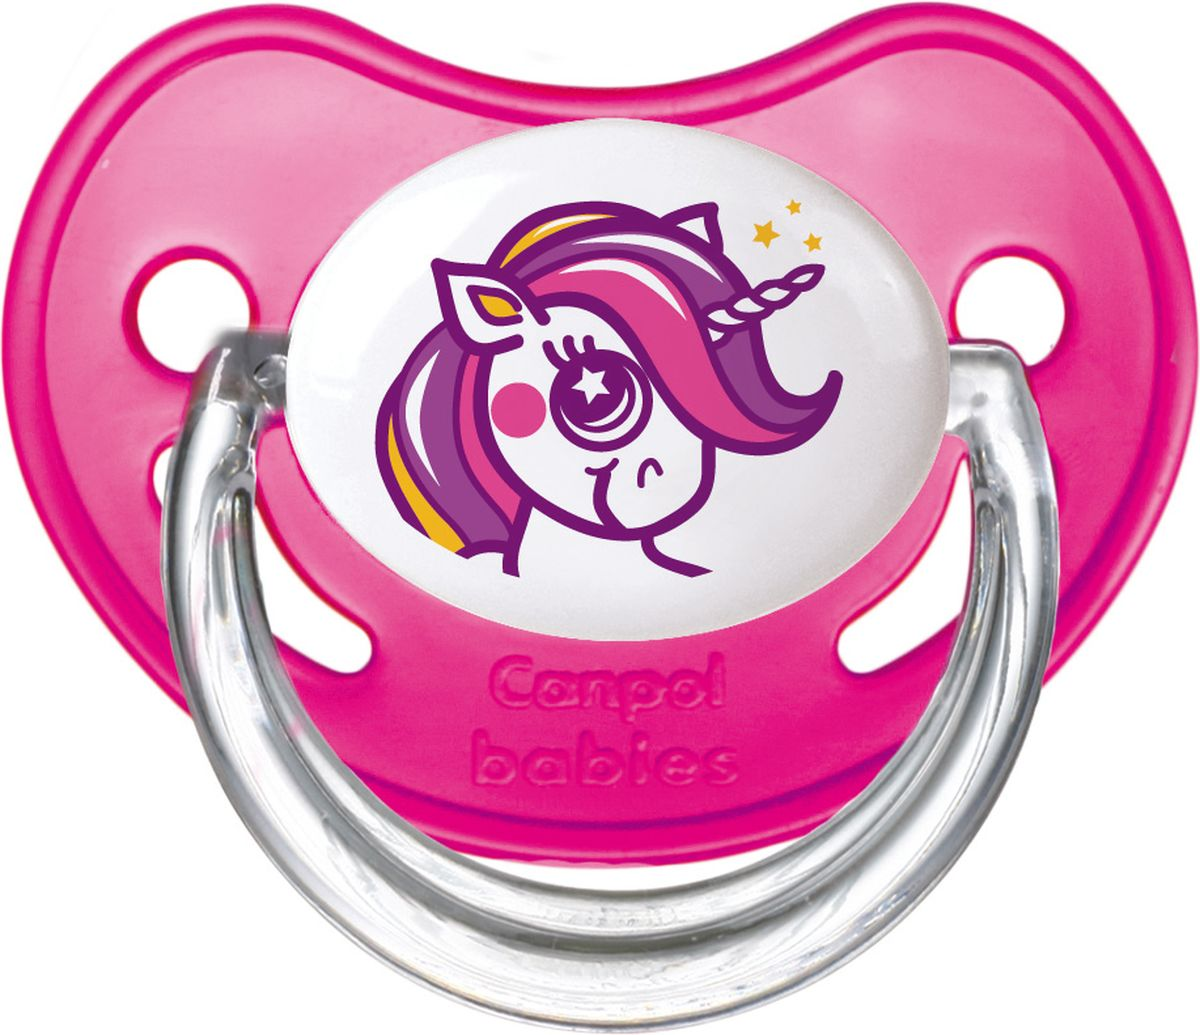 Canpol Babies Пустышка латексная ортодонтическая Fairy Tale от 0 до 6 месяцев цвет розовый